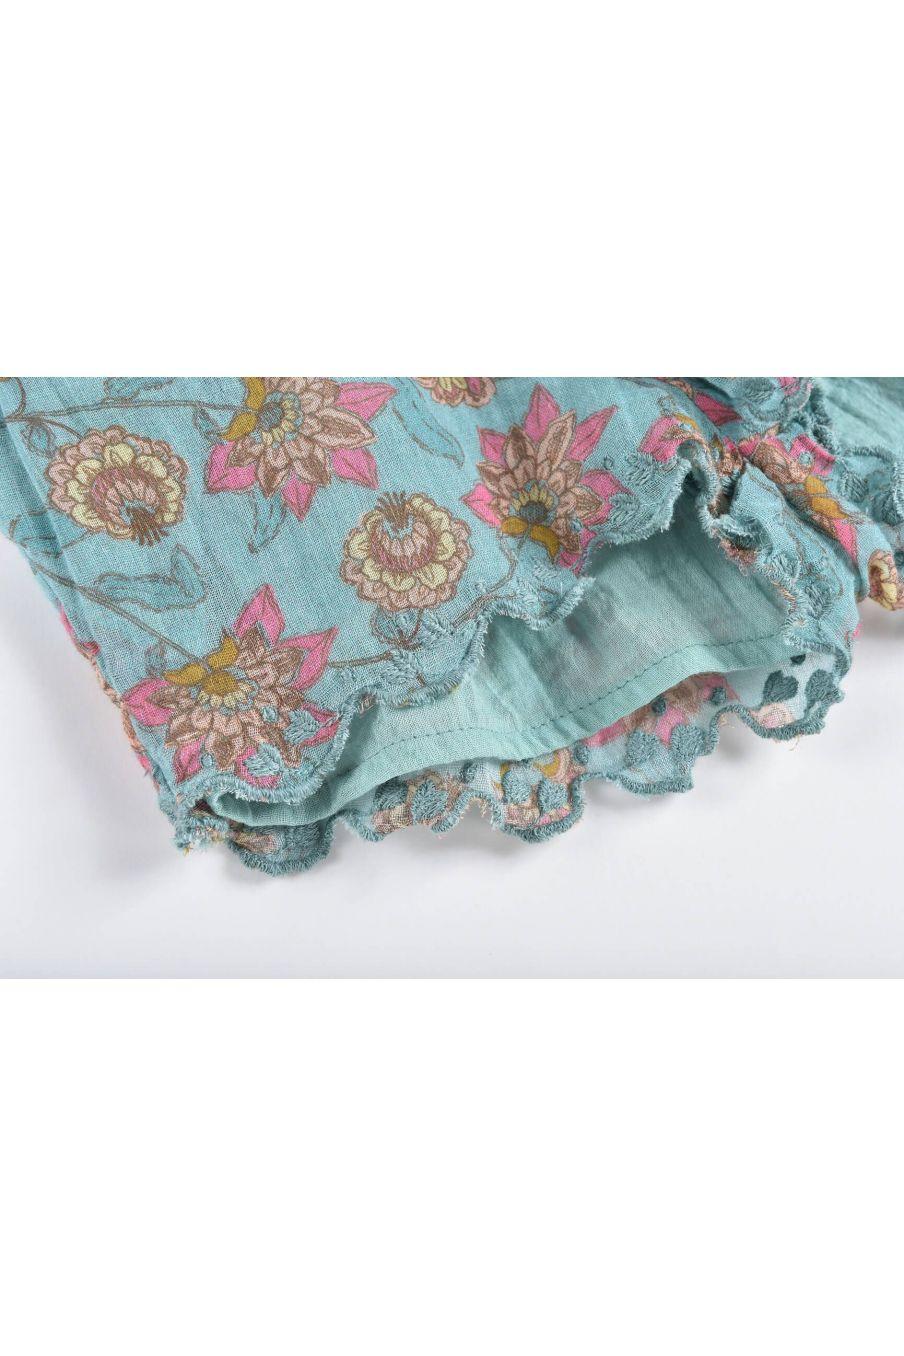 boheme chic vintage short bébé fille vallaloid turquoise flowers